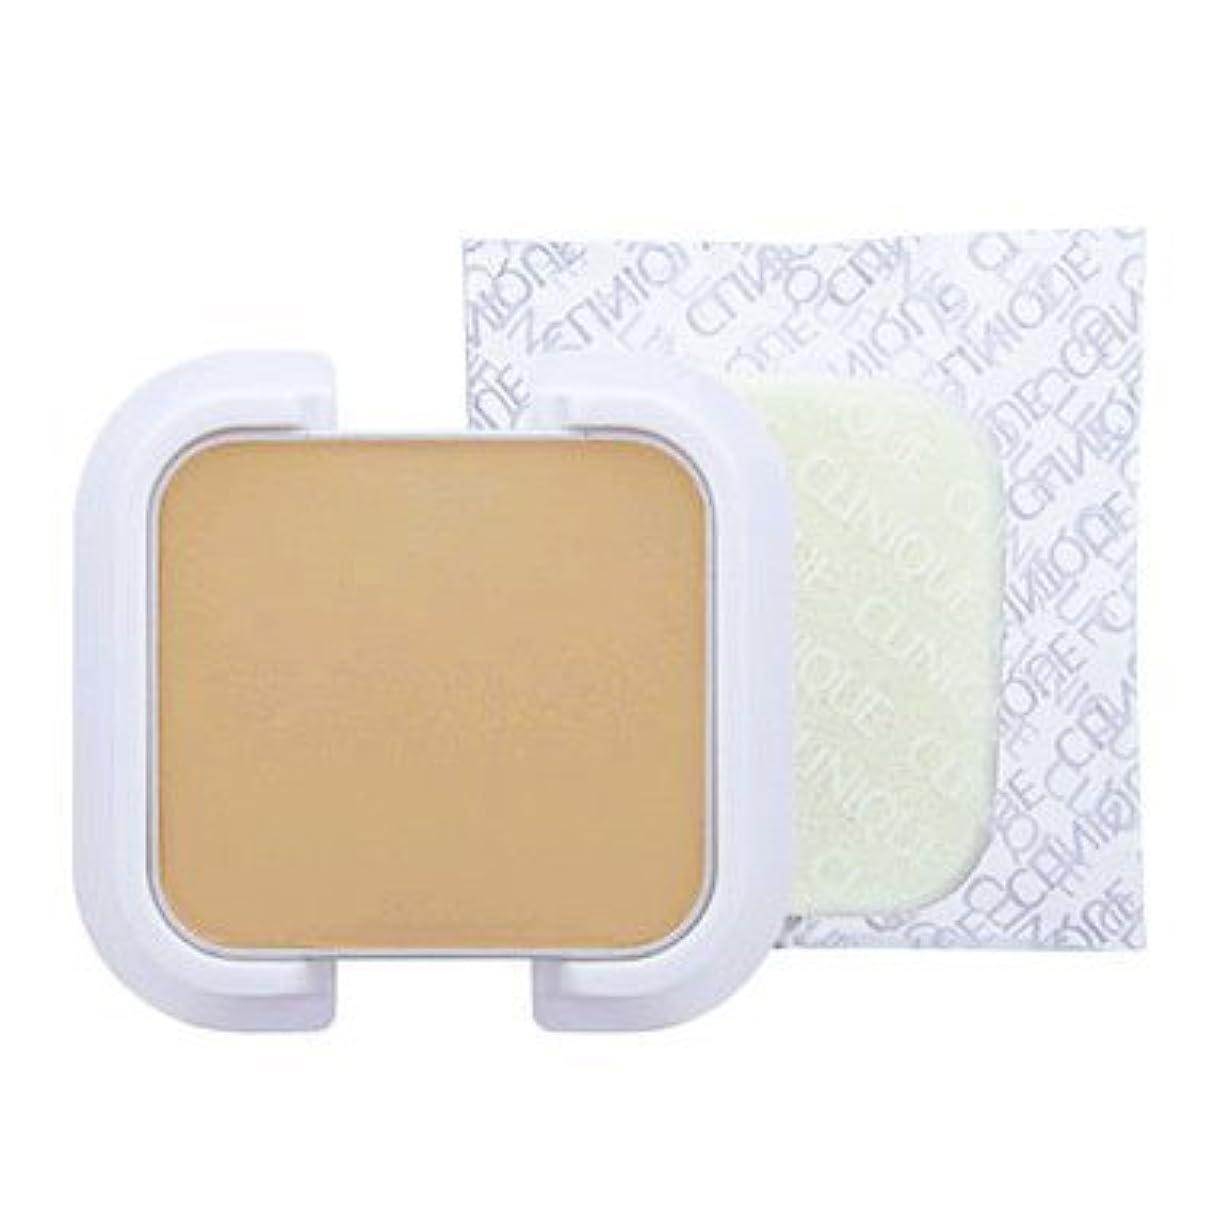 福祉破壊的なアンティークCLINIQUE クリニーク イーブン ベター パウダー メークアップ ウォーター ヴェール 27 (リフィル) #64 cream beige SPF27/PA+++ 10g [並行輸入品]